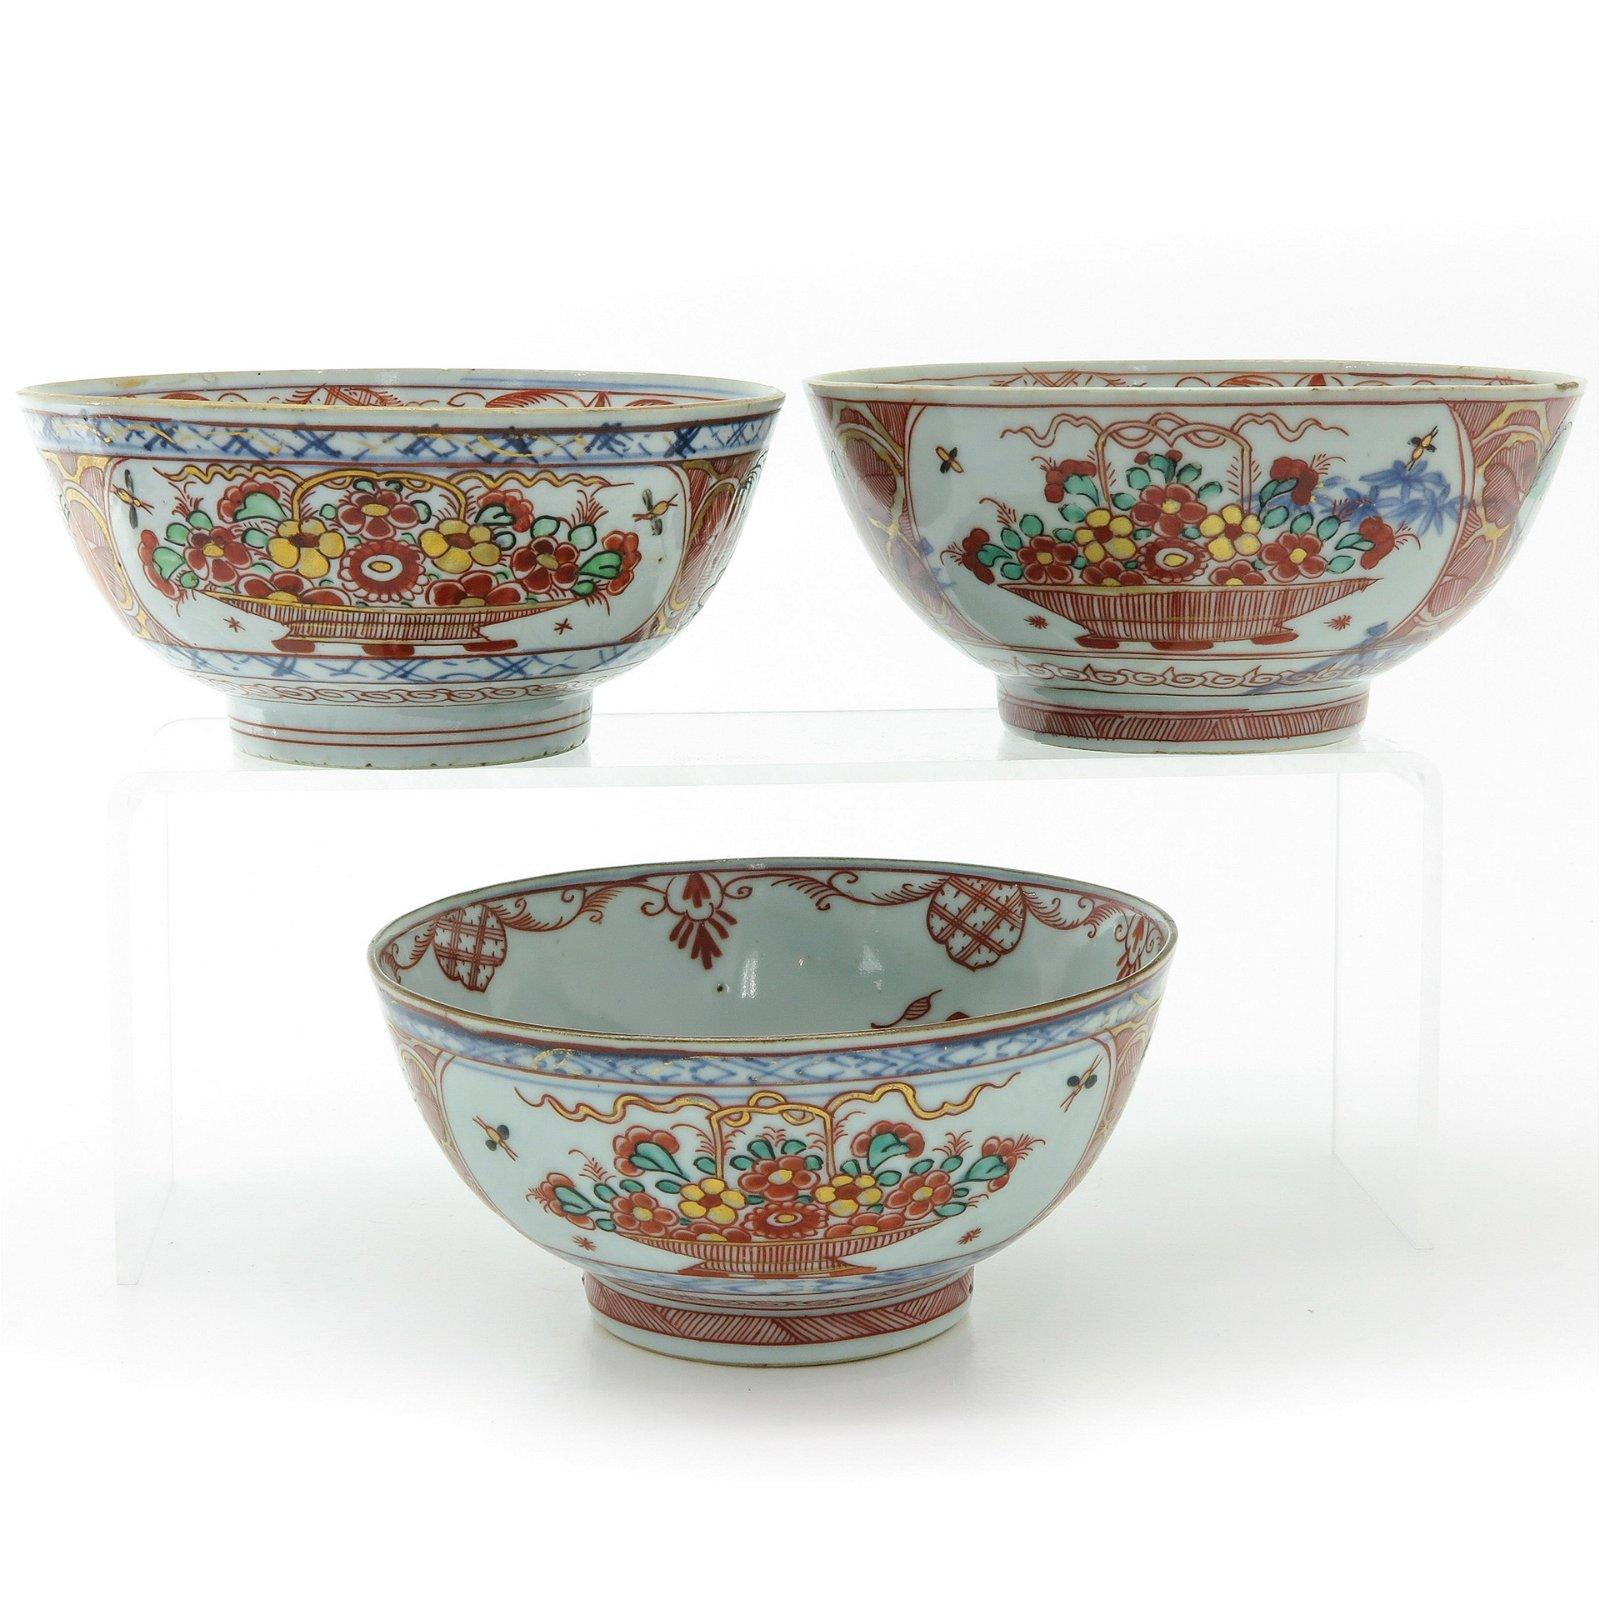 A Series of Three Polychrome Decor Bowls